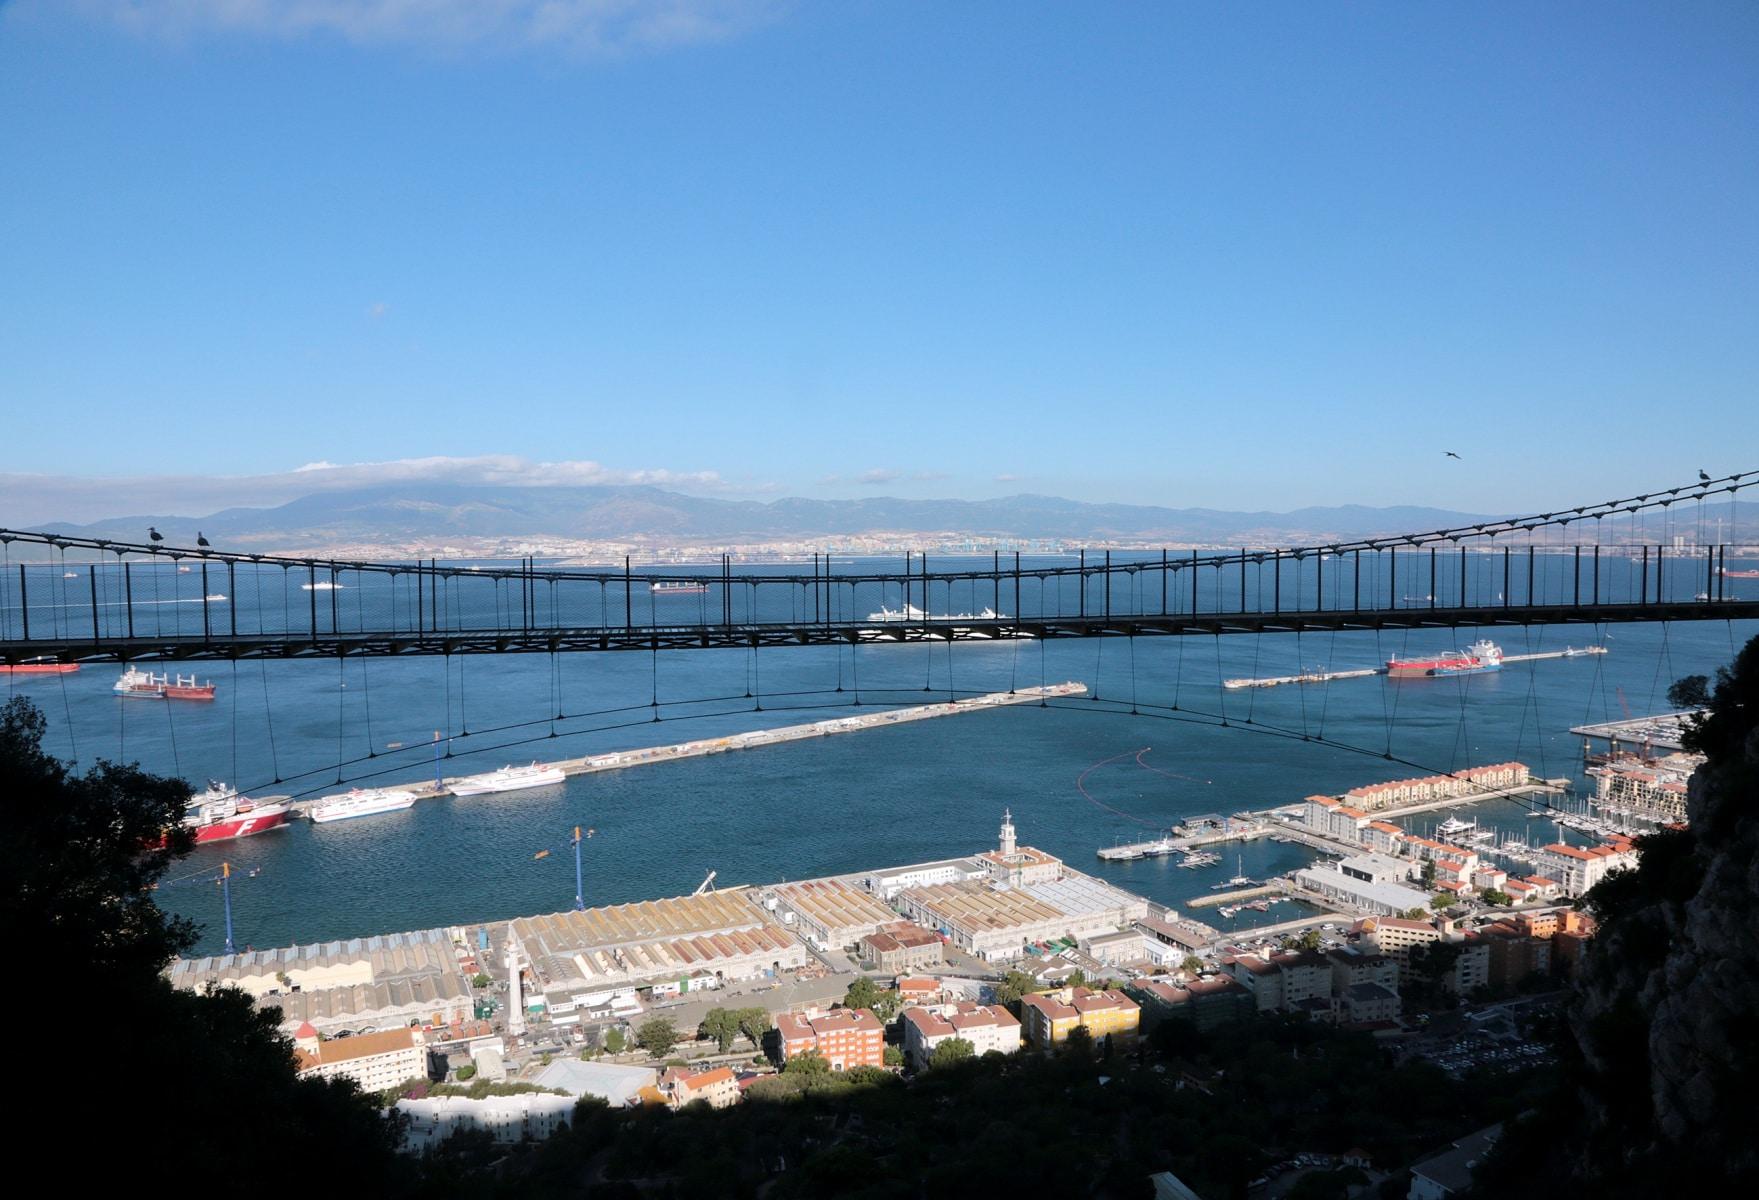 21-jun-2016-inauguracin-puente-colgante-en-la-reserva-natural-del-pen-de-gibraltar_27556205810_o